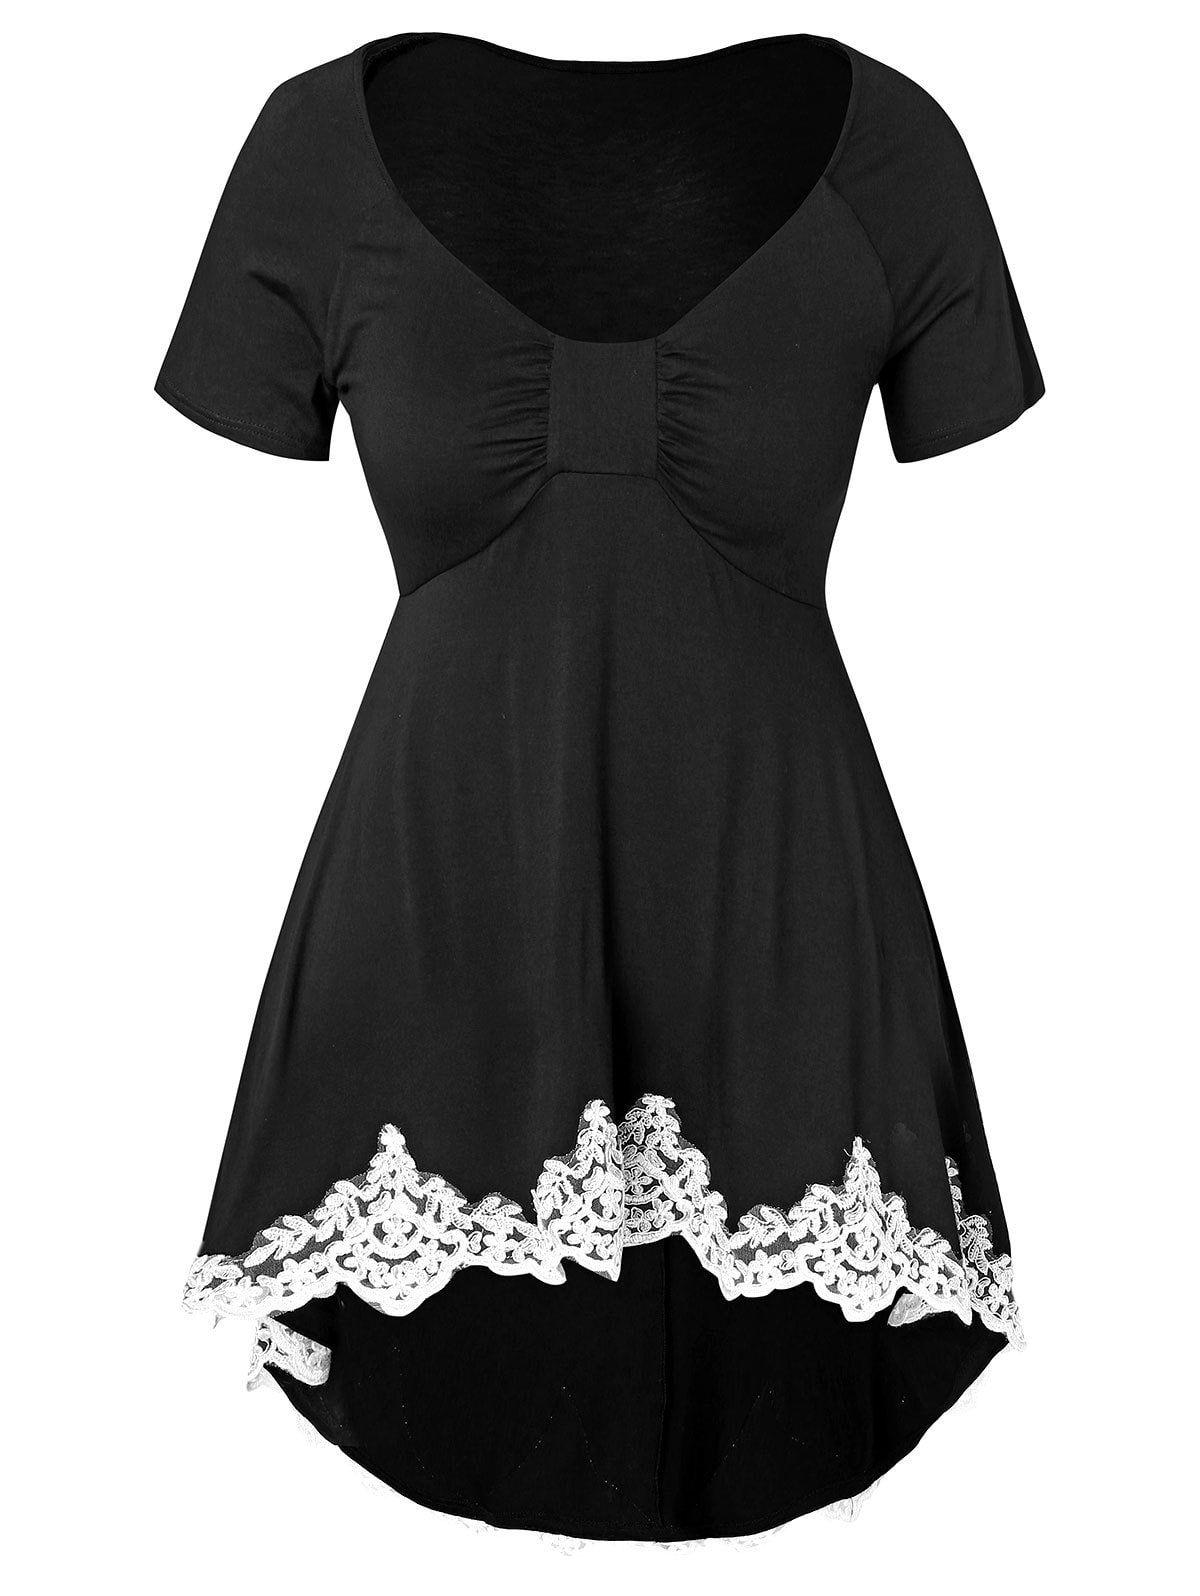 e2f4dba936c61 Plus Size Applique Dip Hem T-shirt Floral Blouse